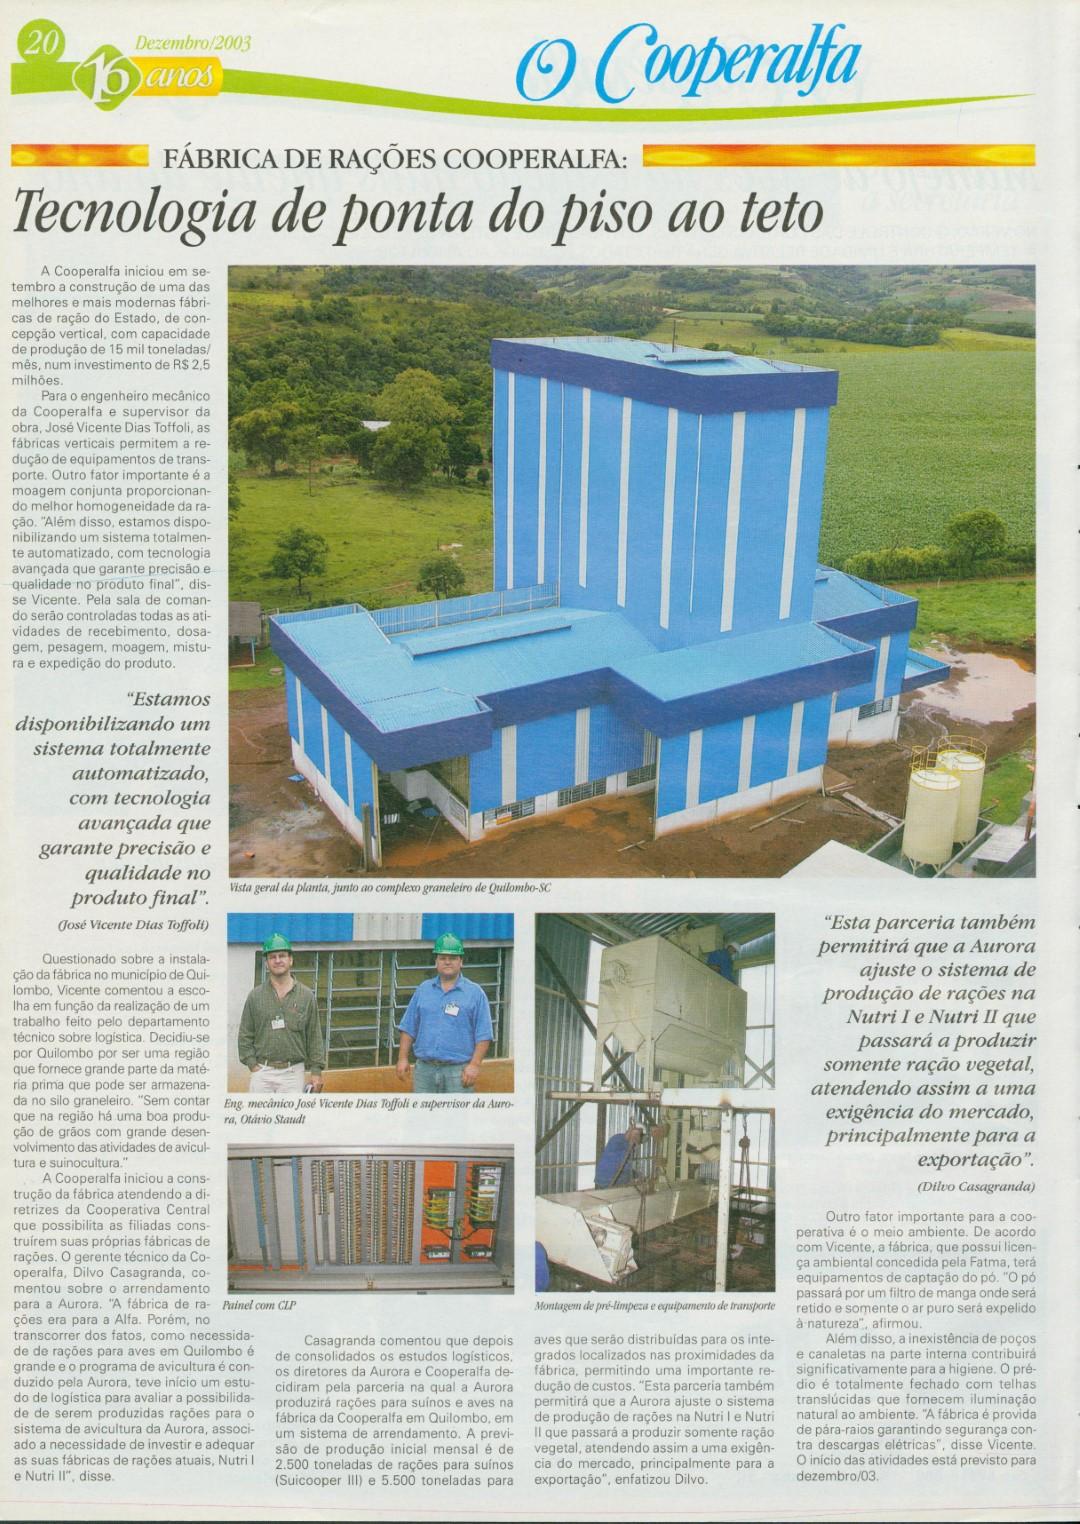 Fábrica de rações em Quilombo